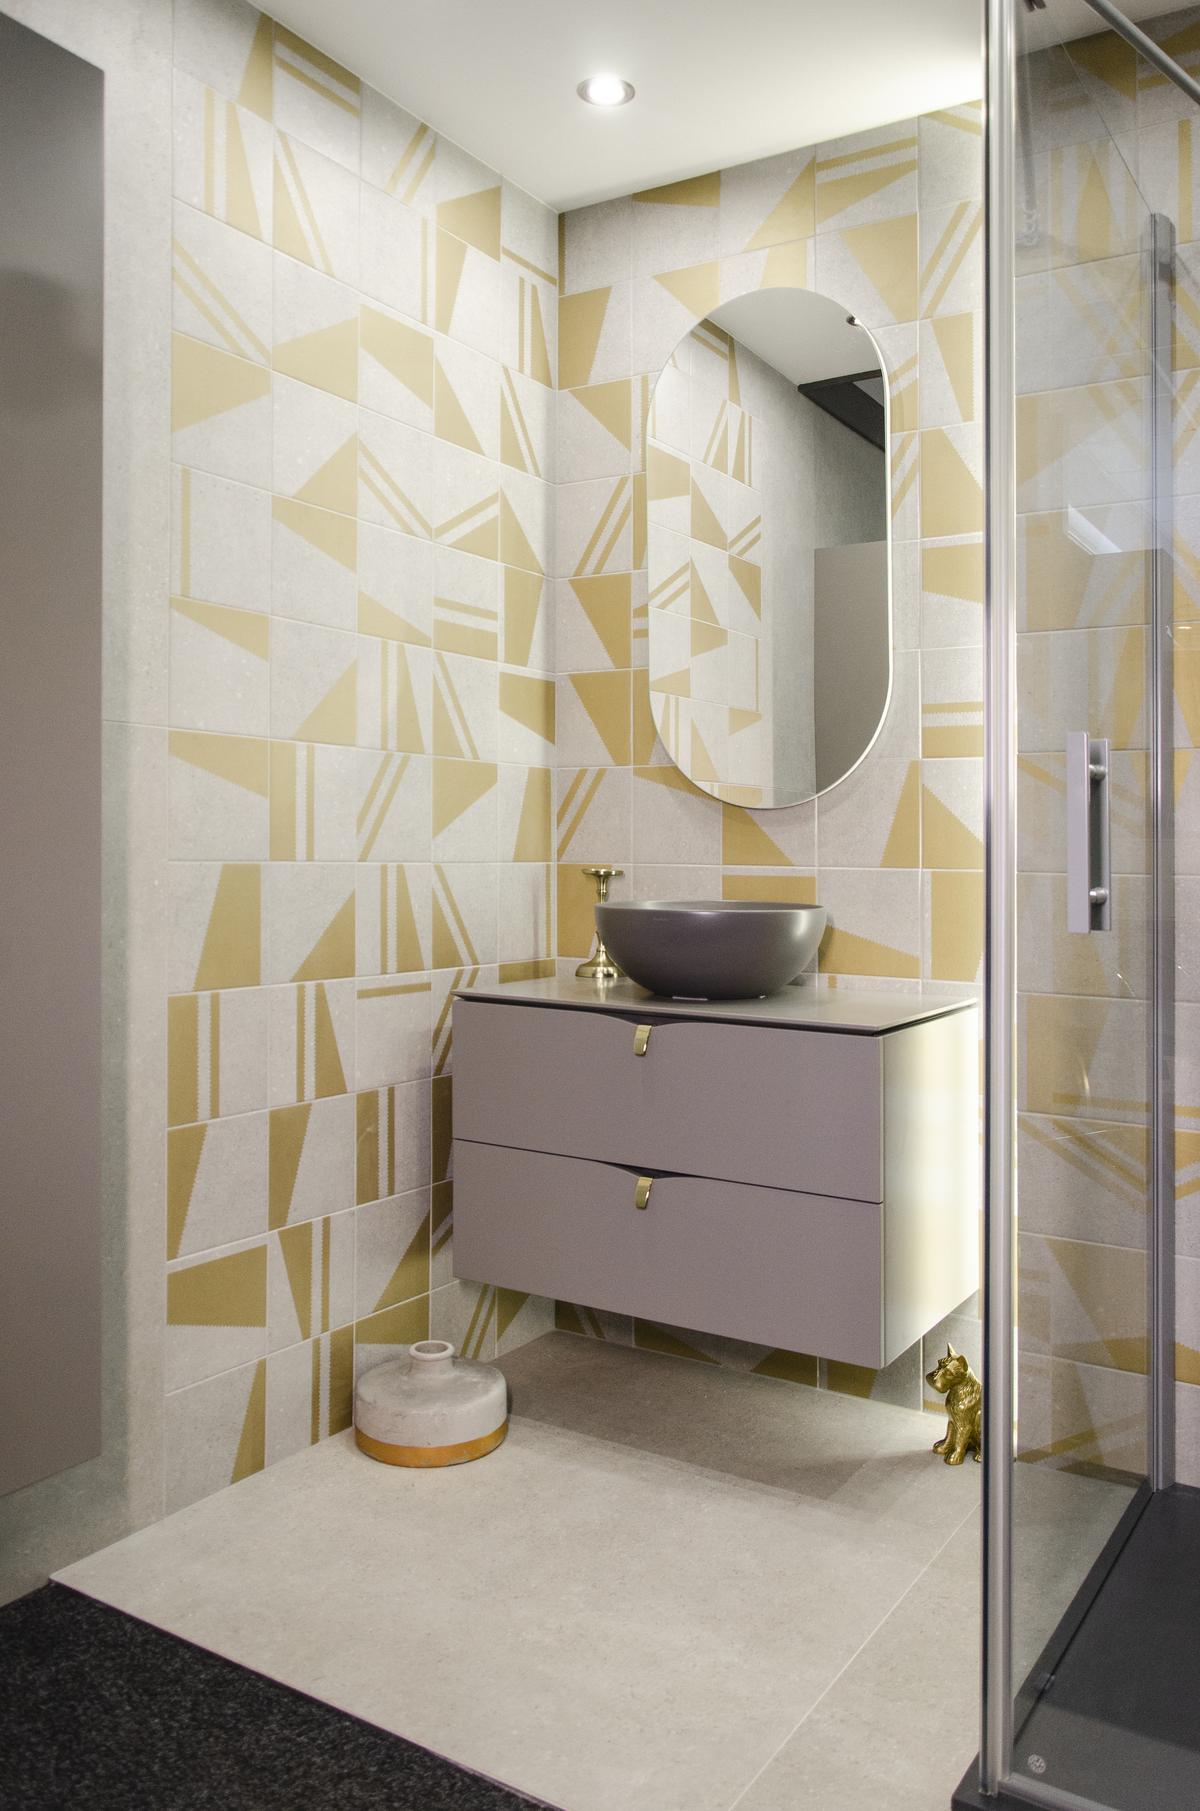 Nowoczesna łazienka w szarości z akcentem żółtego koloru - zdjęcie od BLU salon łazienek Koszalin